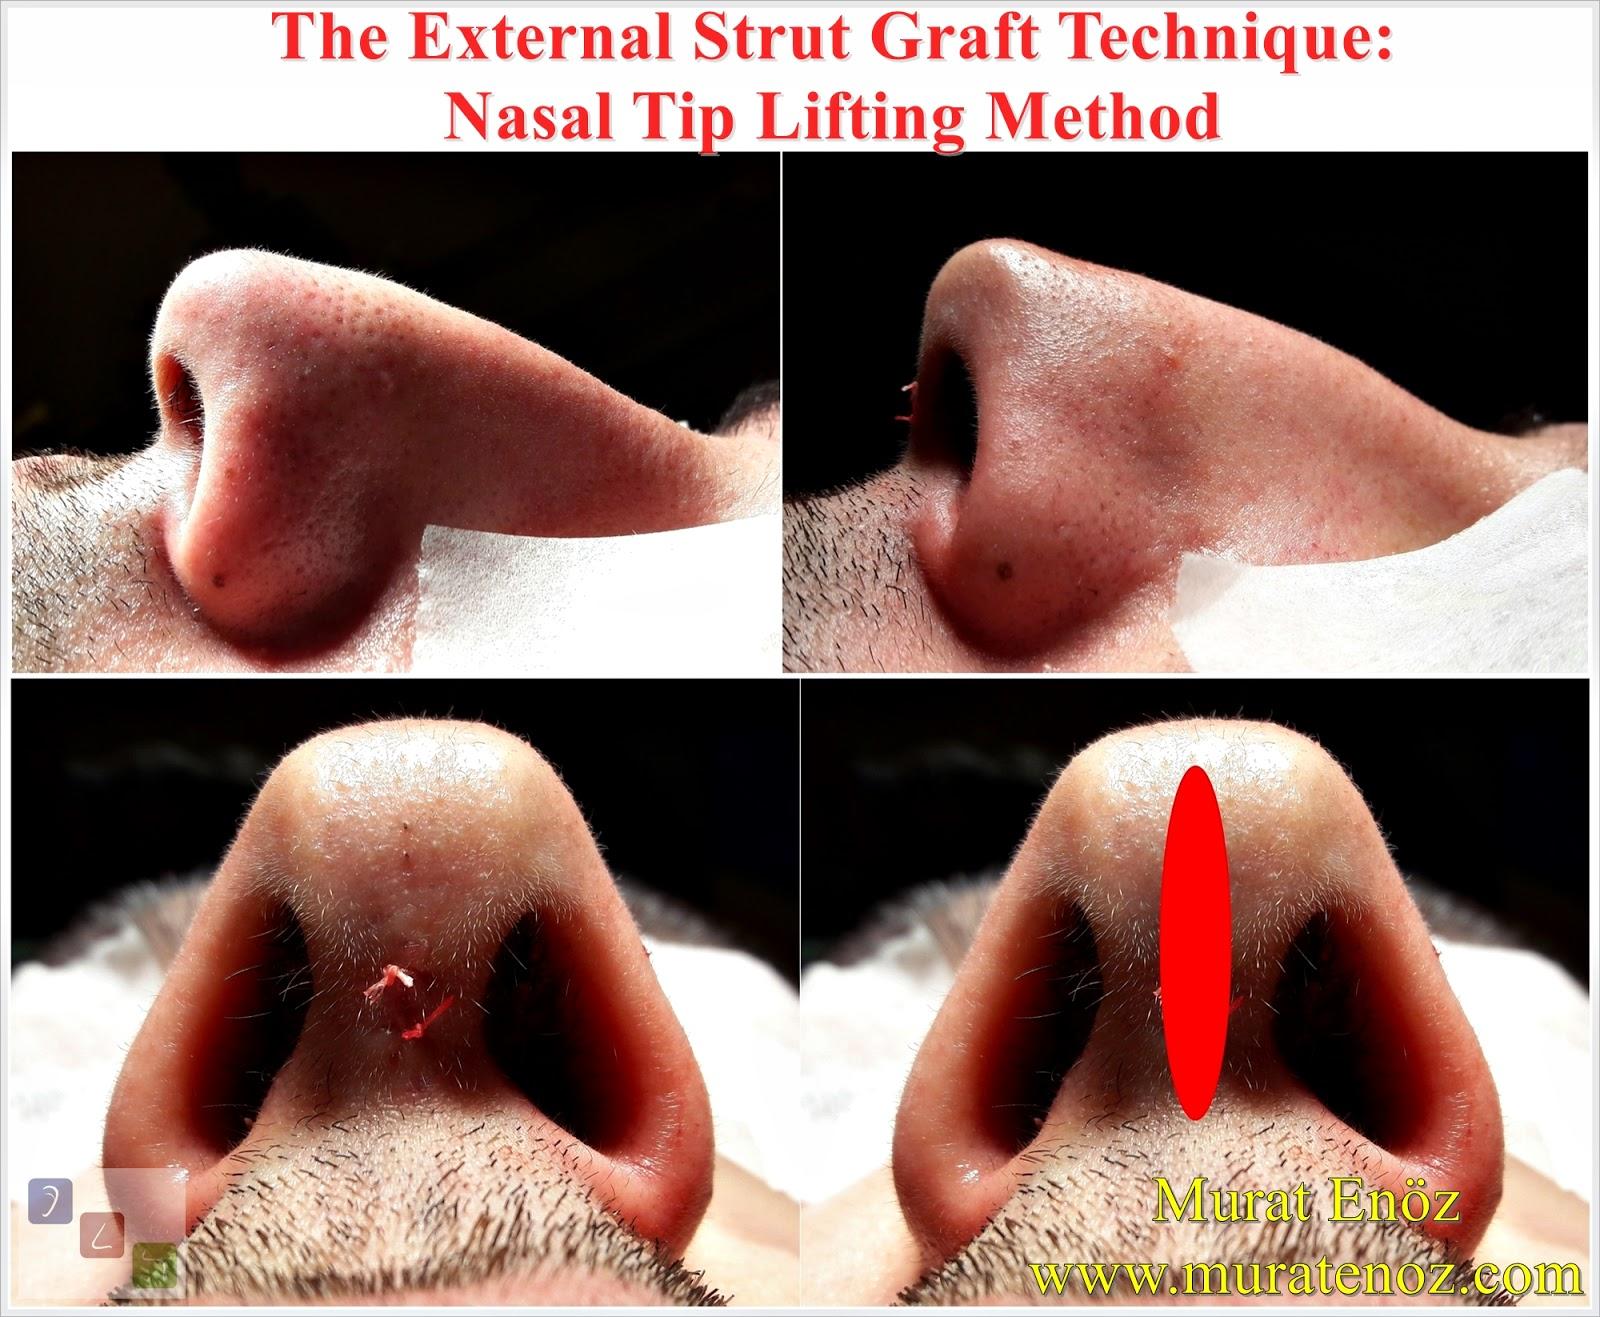 Eksternal Strut Greft Yöntemi - Burun Ucu Kaldırma - Burun Kaldırma - Burun Ucu Düşmesi Tedavisi - Burun Ucu Sarkması Tedavisi - Nasal Tip Lifting - Nose Lift - Nose Lift Surgery - Lift Nose - Nose liftEksternal Strut Greft Yöntemi - Burun Ucu Kaldırma - Burun Kaldırma - Burun Ucu Düşmesi Tedavisi - Burun Ucu Sarkması Tedavisi - Nasal Tip Lifting - Nose Lift - Nose Lift Surgery - Lift Nose - Nose lift